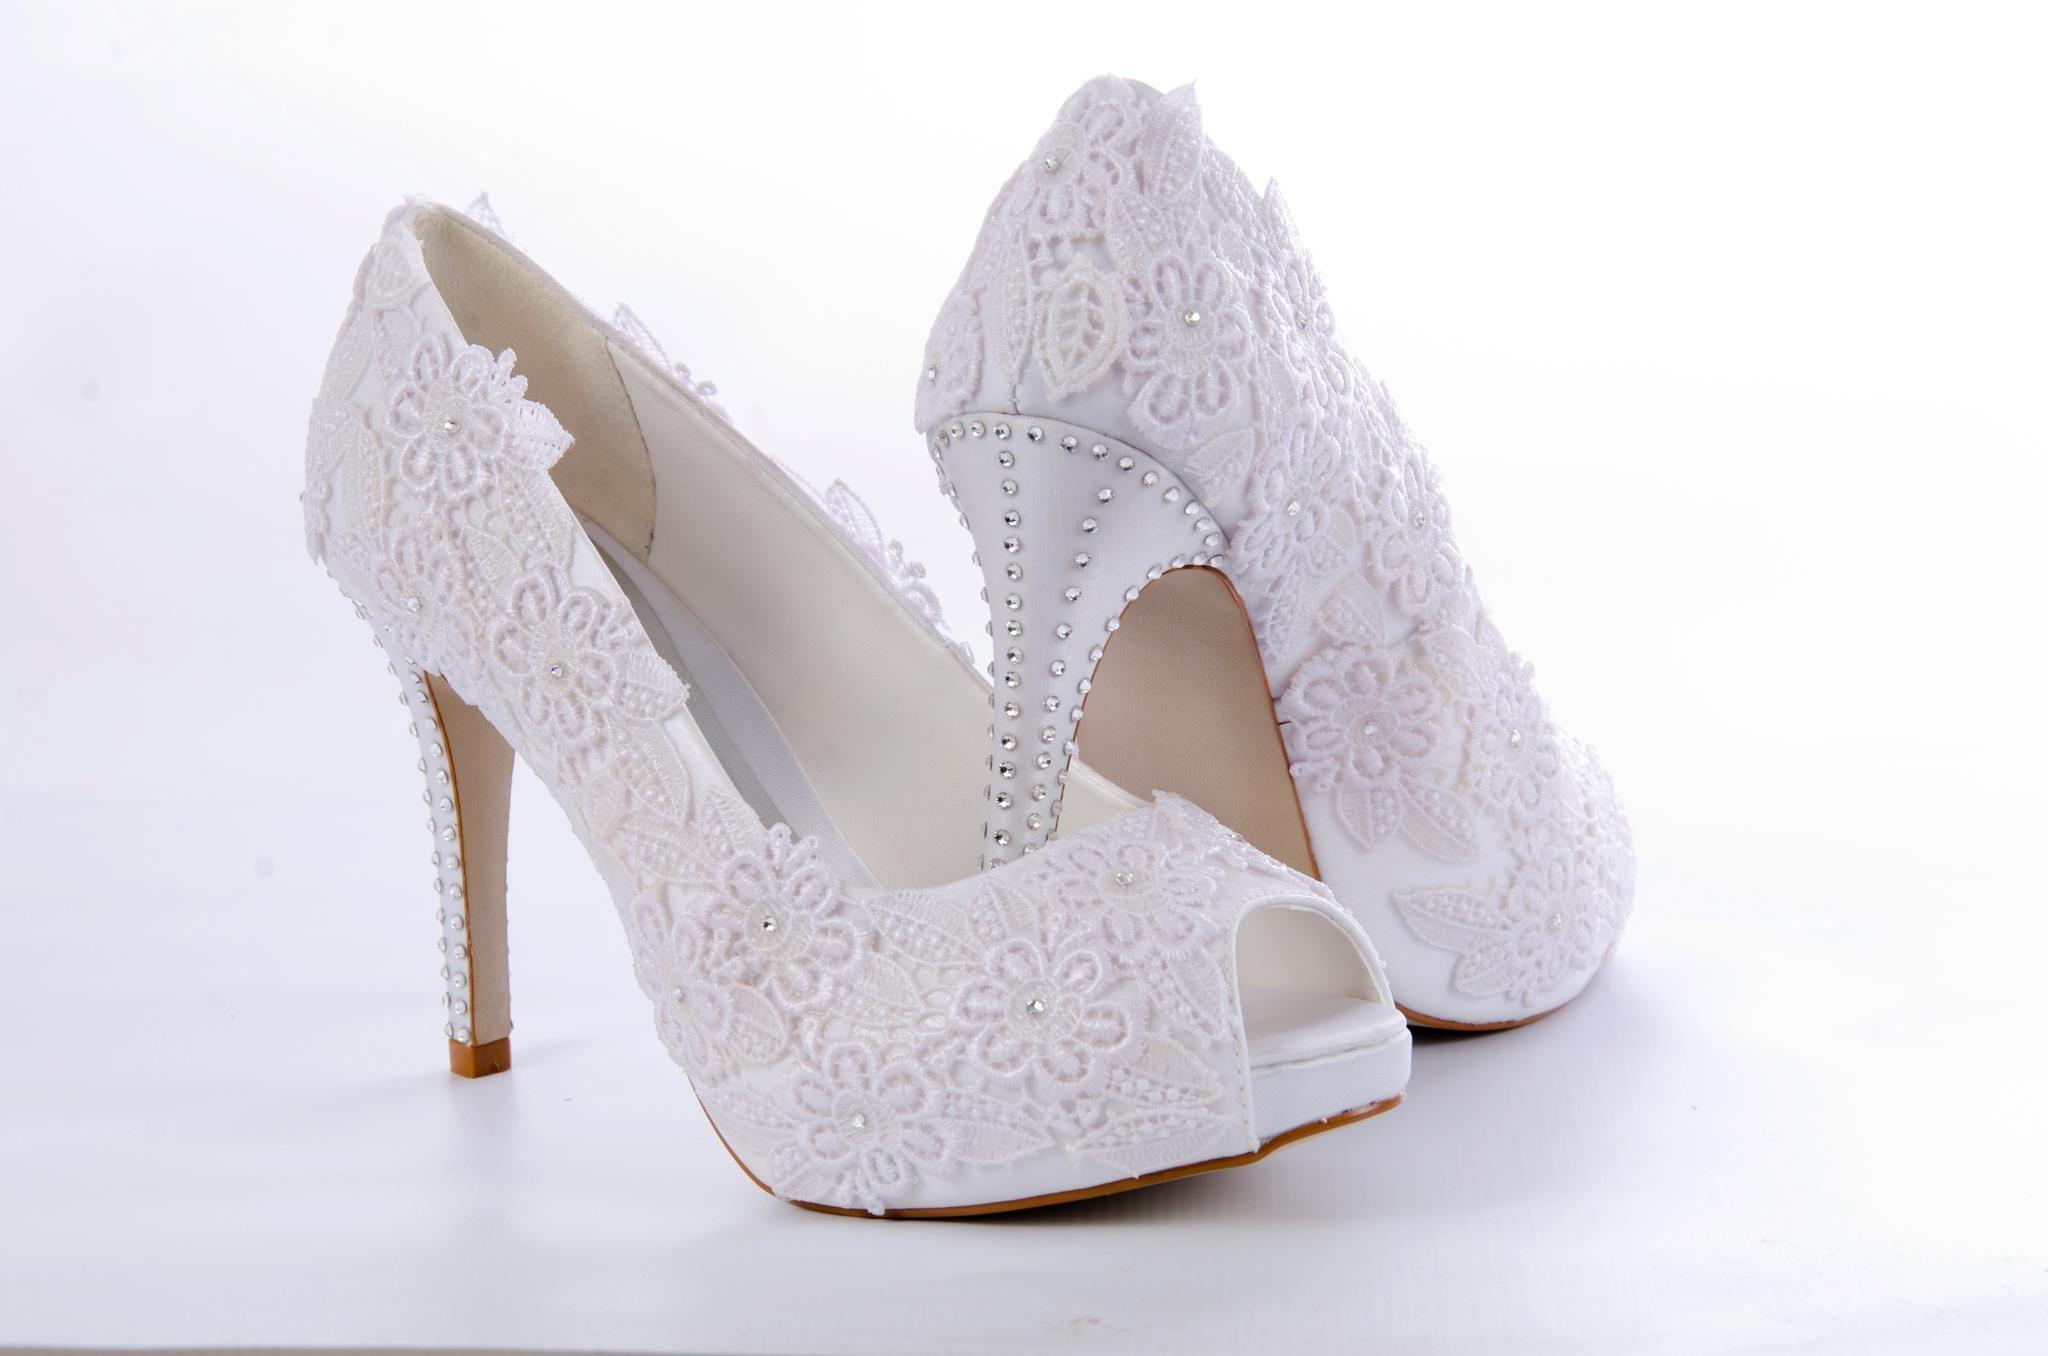 3b5fb587d Sapatos customizados com renda de guipir e strass da marca Preciosa pela  Ornamental Acessórios Noivas.